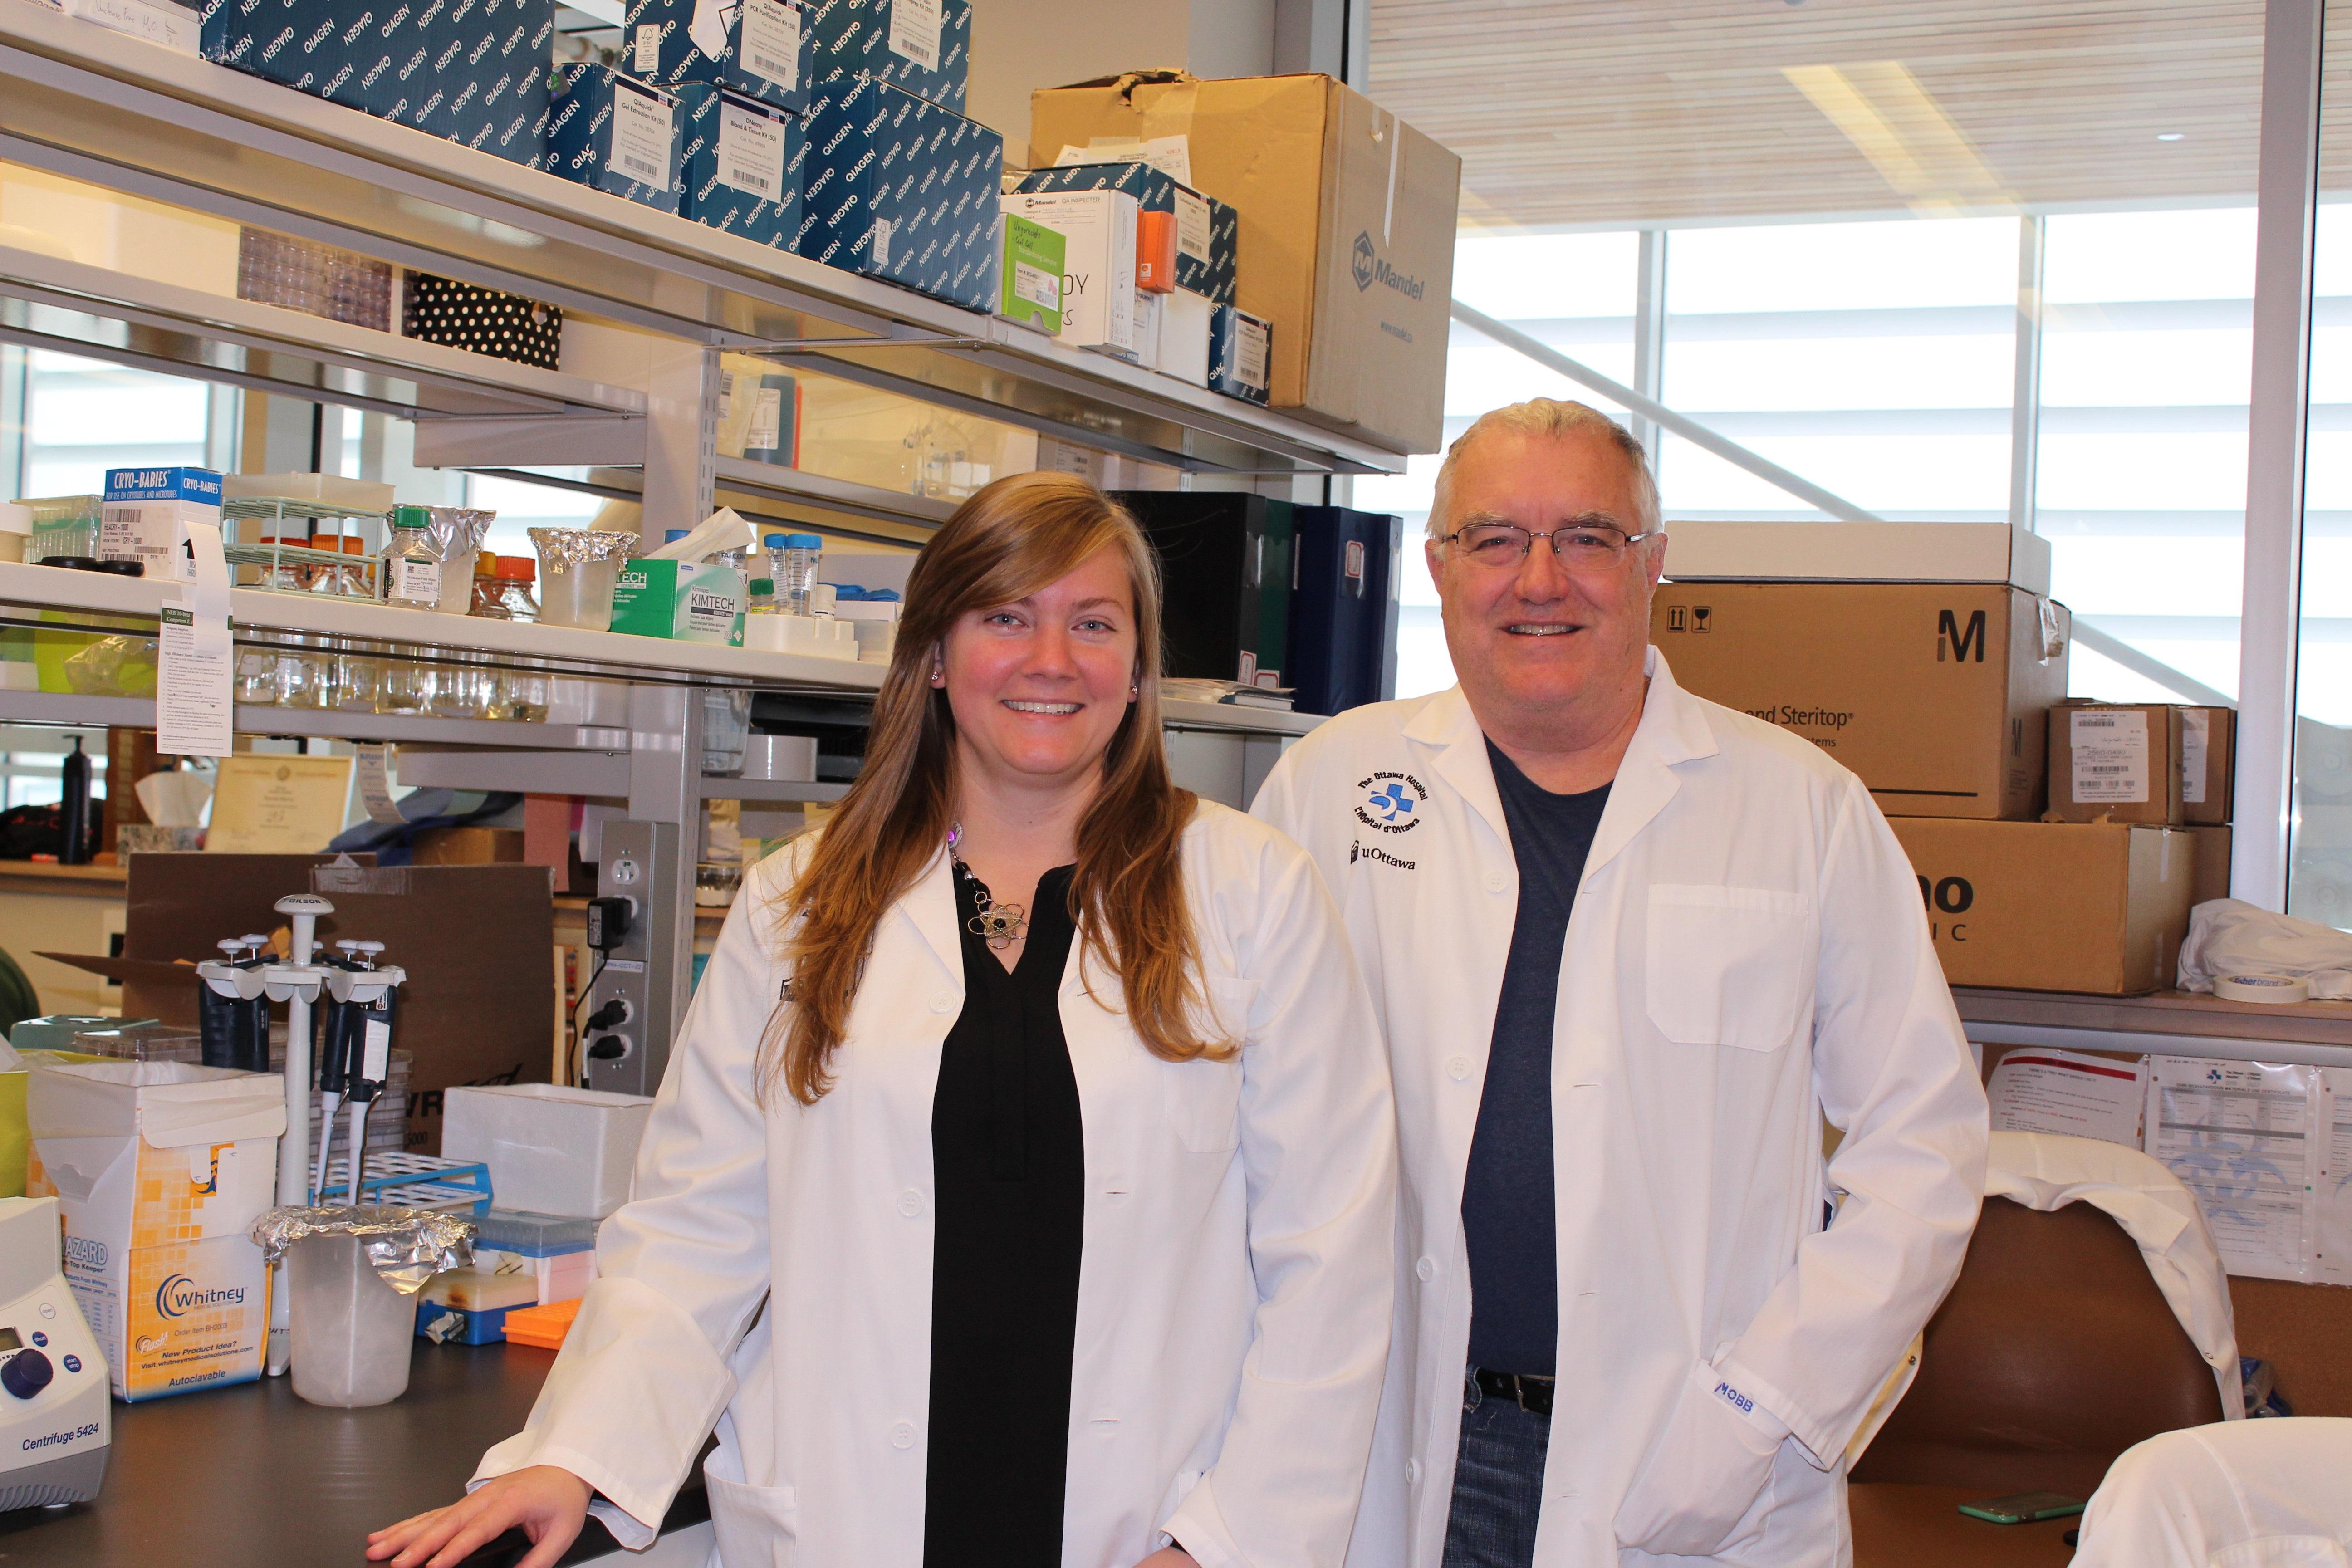 Une femme et un homme, en sarraus, sont debout dans un laboratoire de recherche.